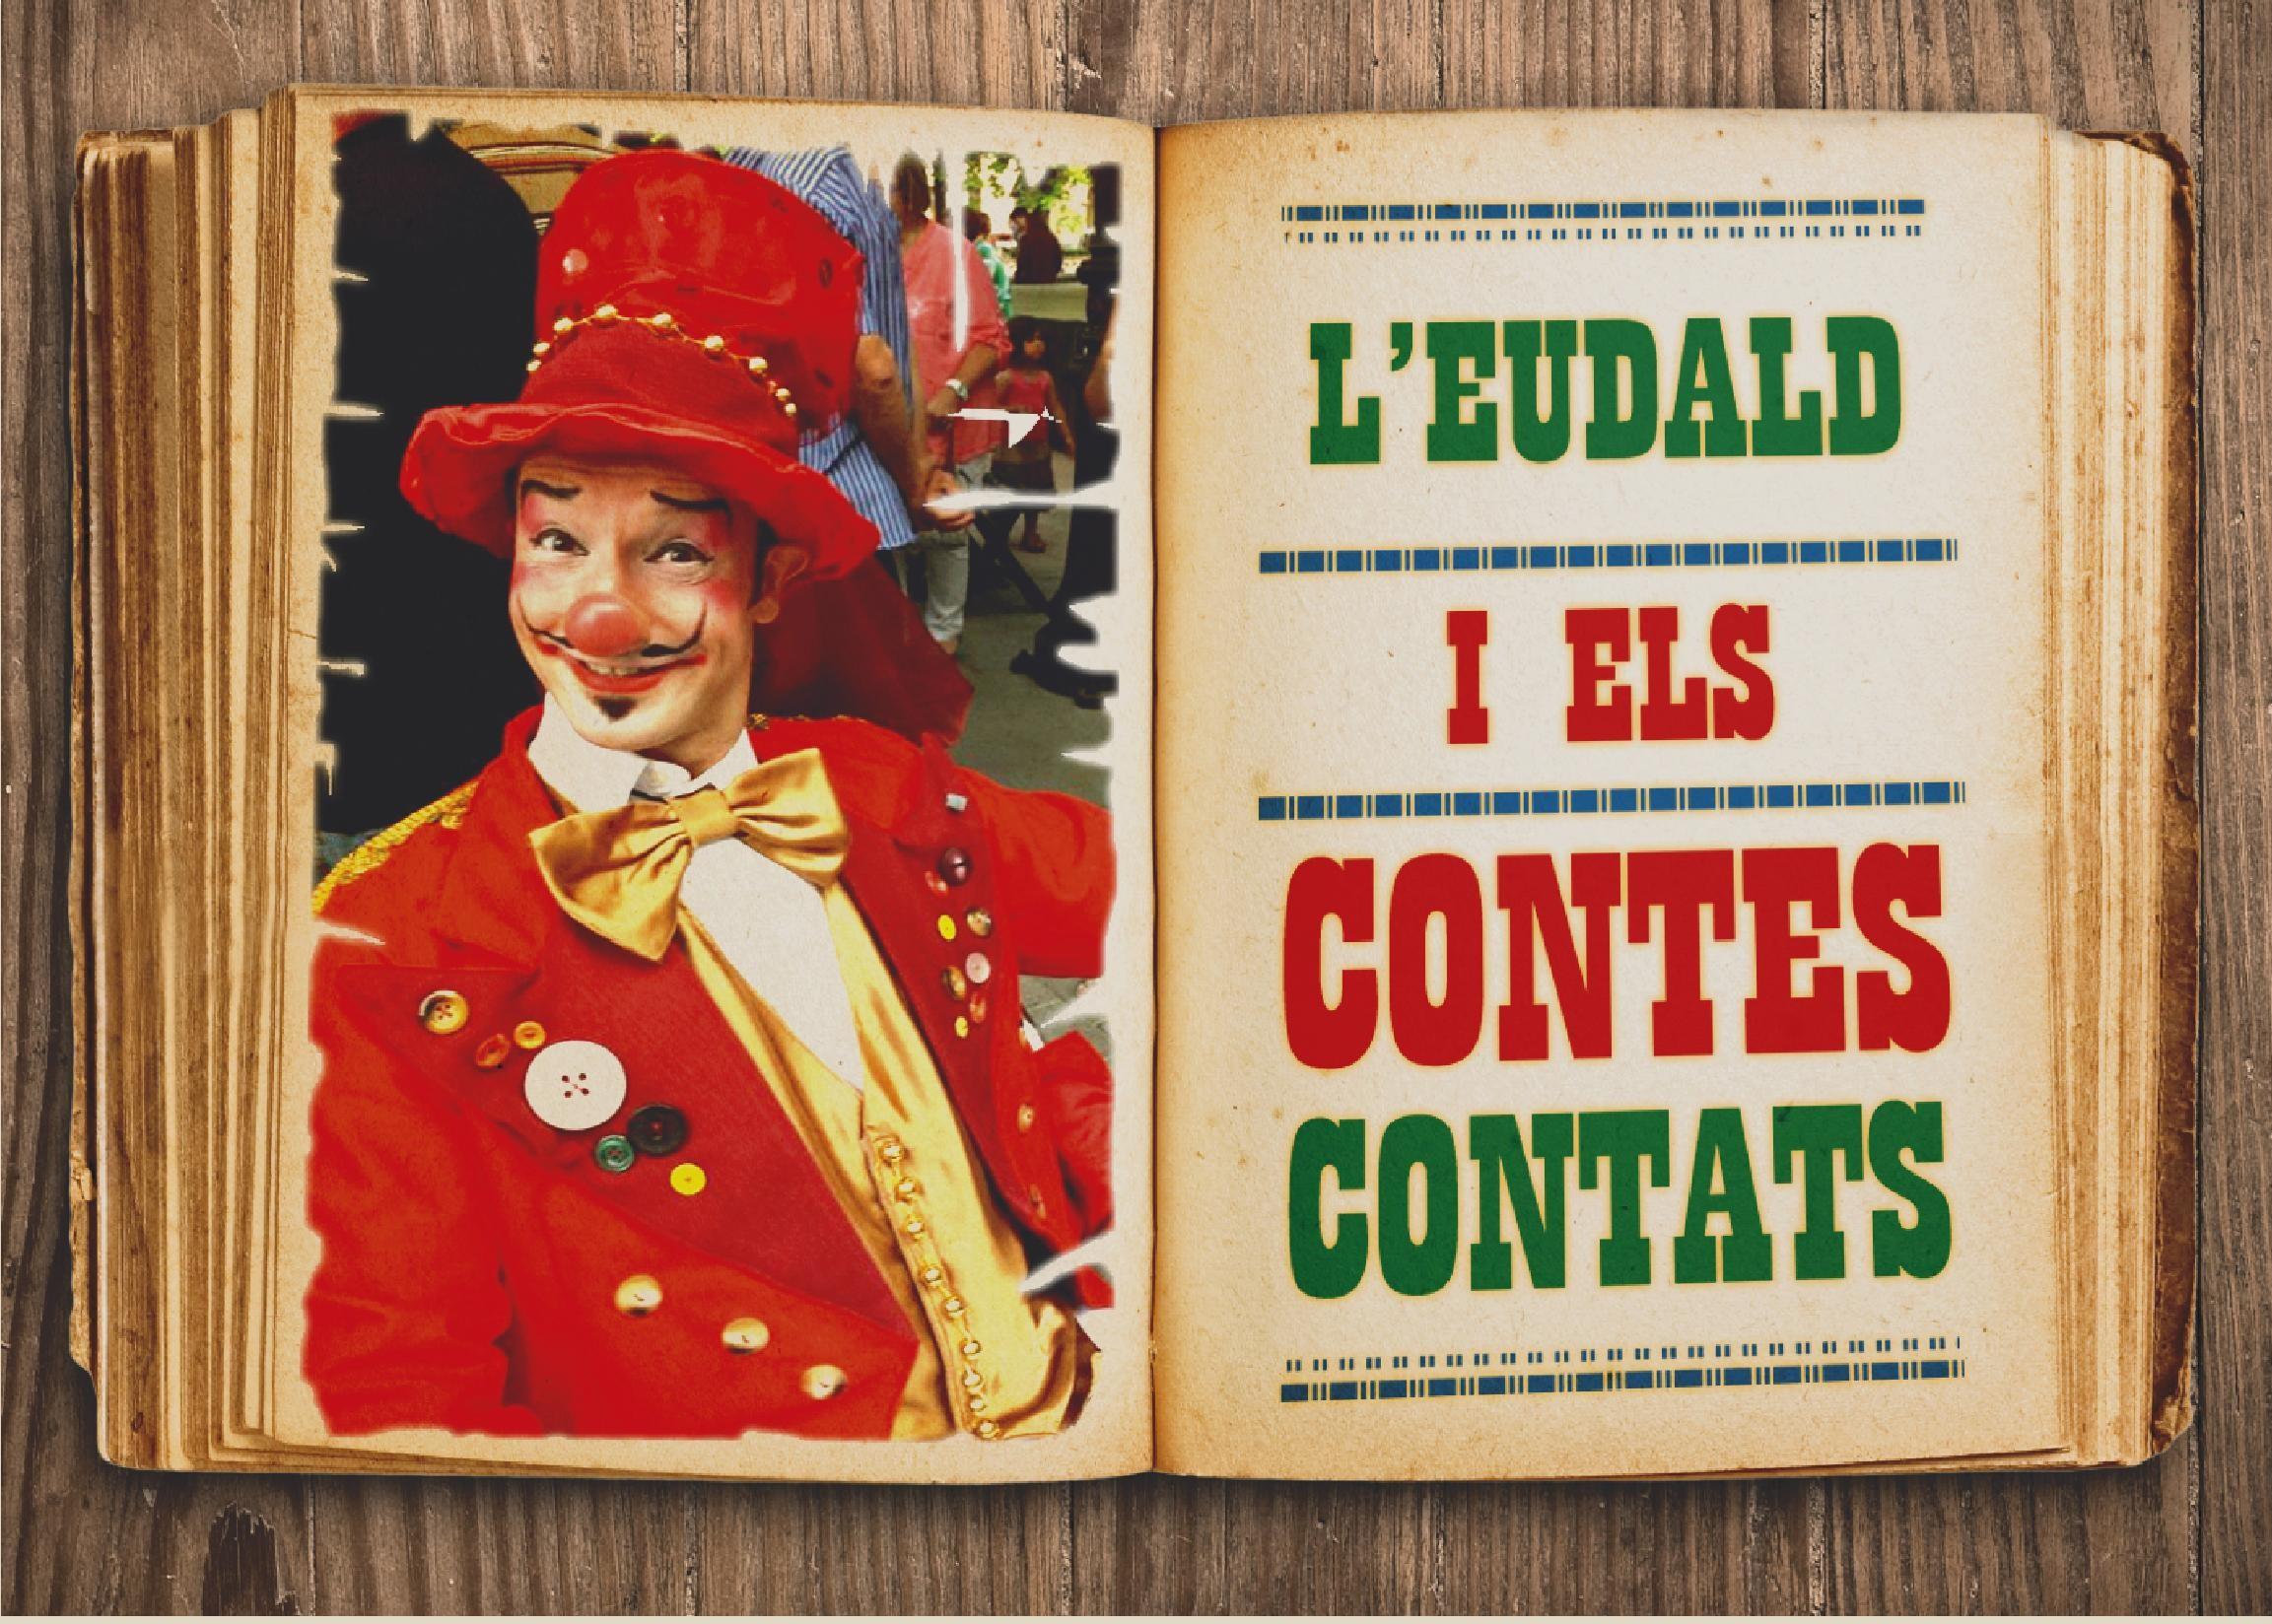 eudald contes